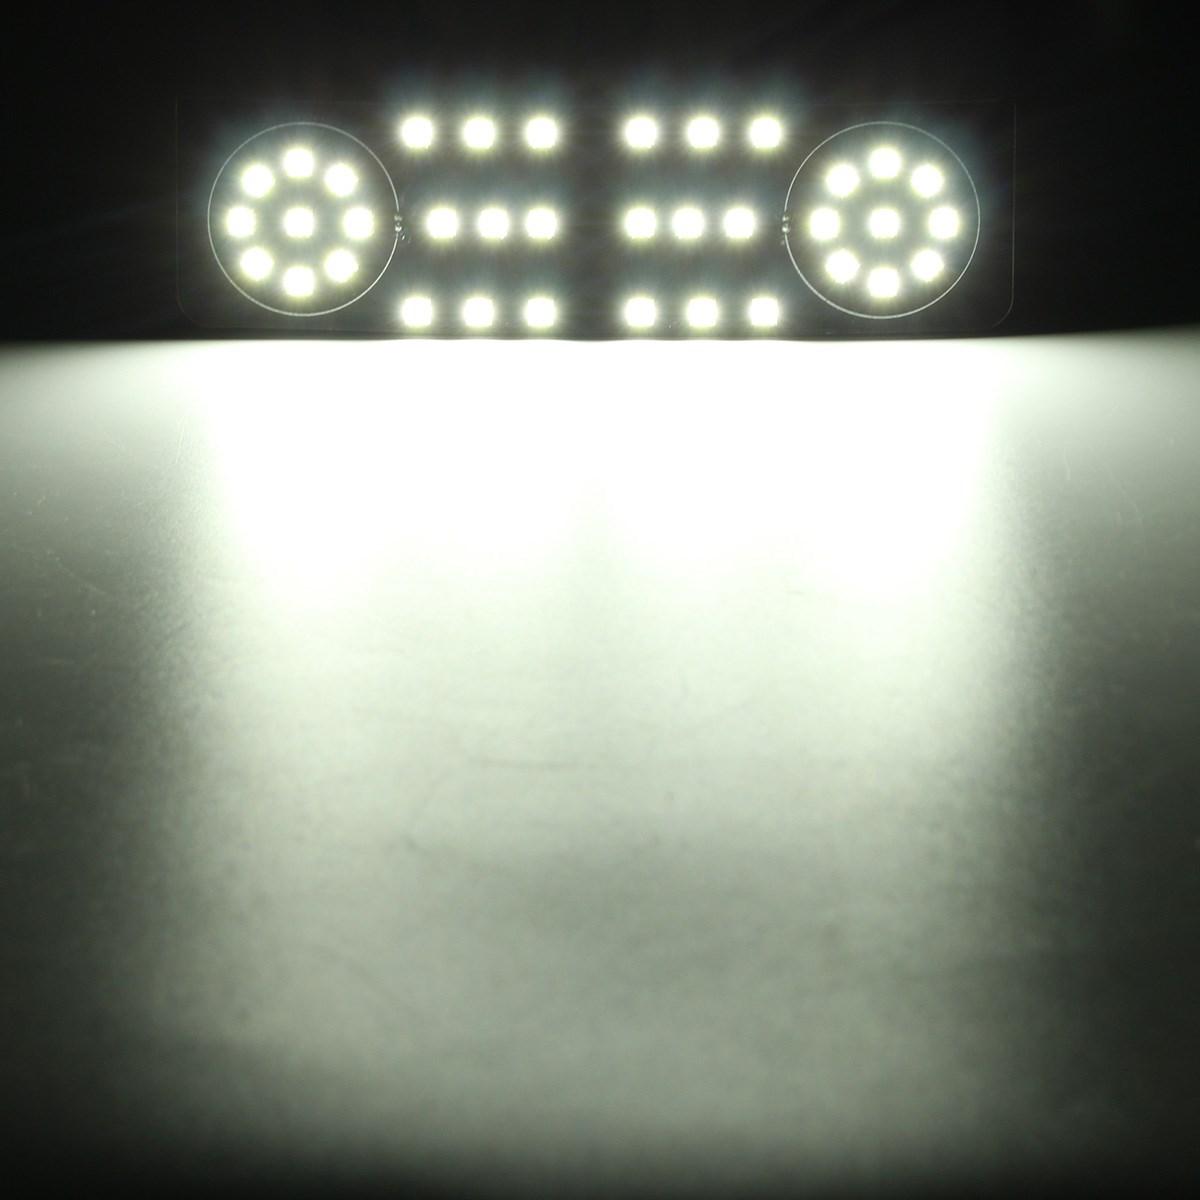 8 шт./компл. SMD5050 из светодиодов автомобилей чтение свет для Volkswagen / VW Passat B6 CC / Jetta MK5 внутренний свет купола